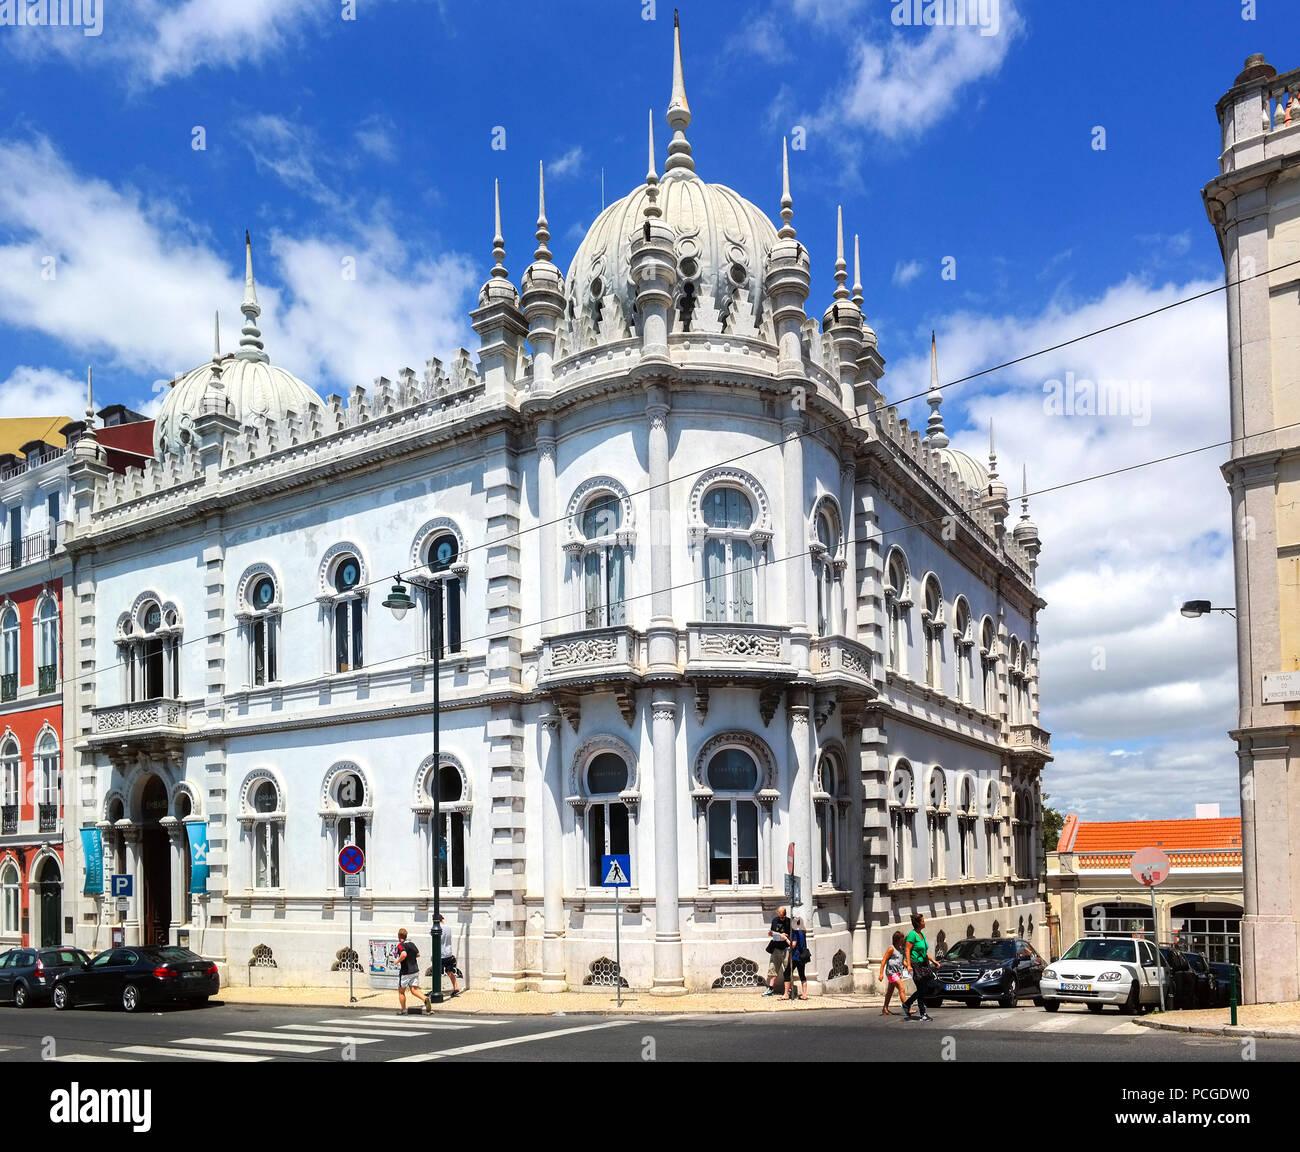 Lisbona. Concept Store Embaixada, che ha usato per essere una residenza privata. Immagini Stock